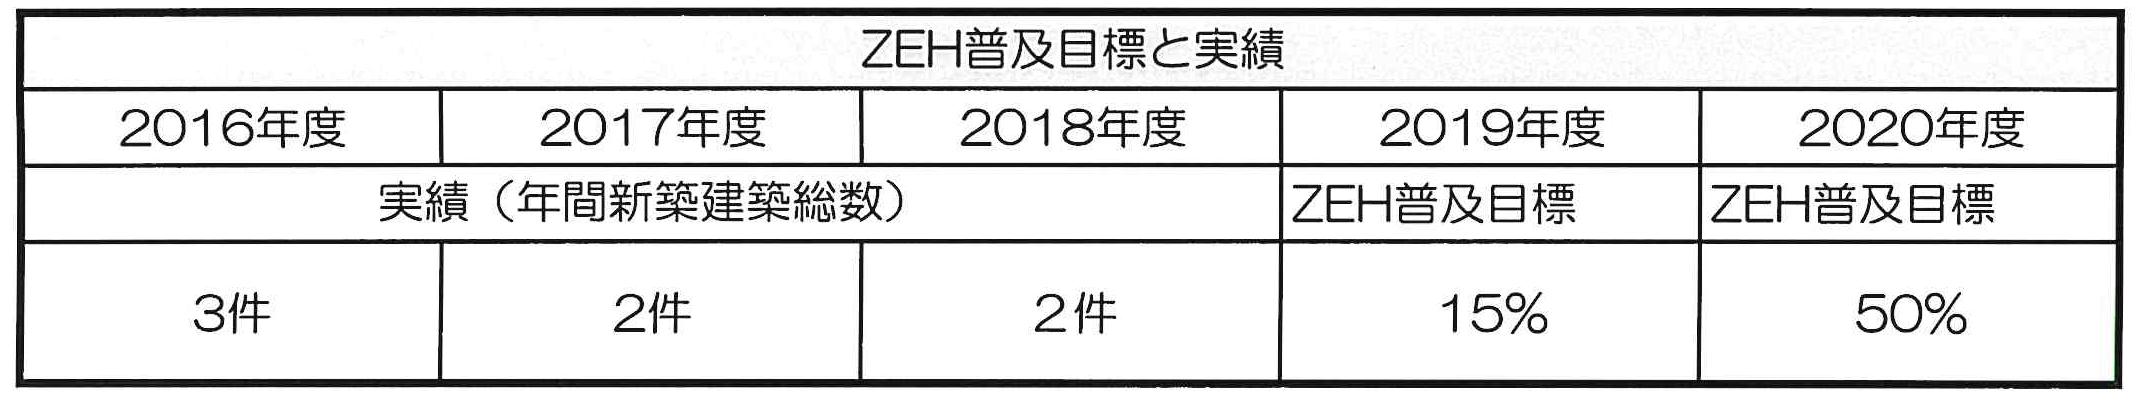 ゼロエネ2018実績.png